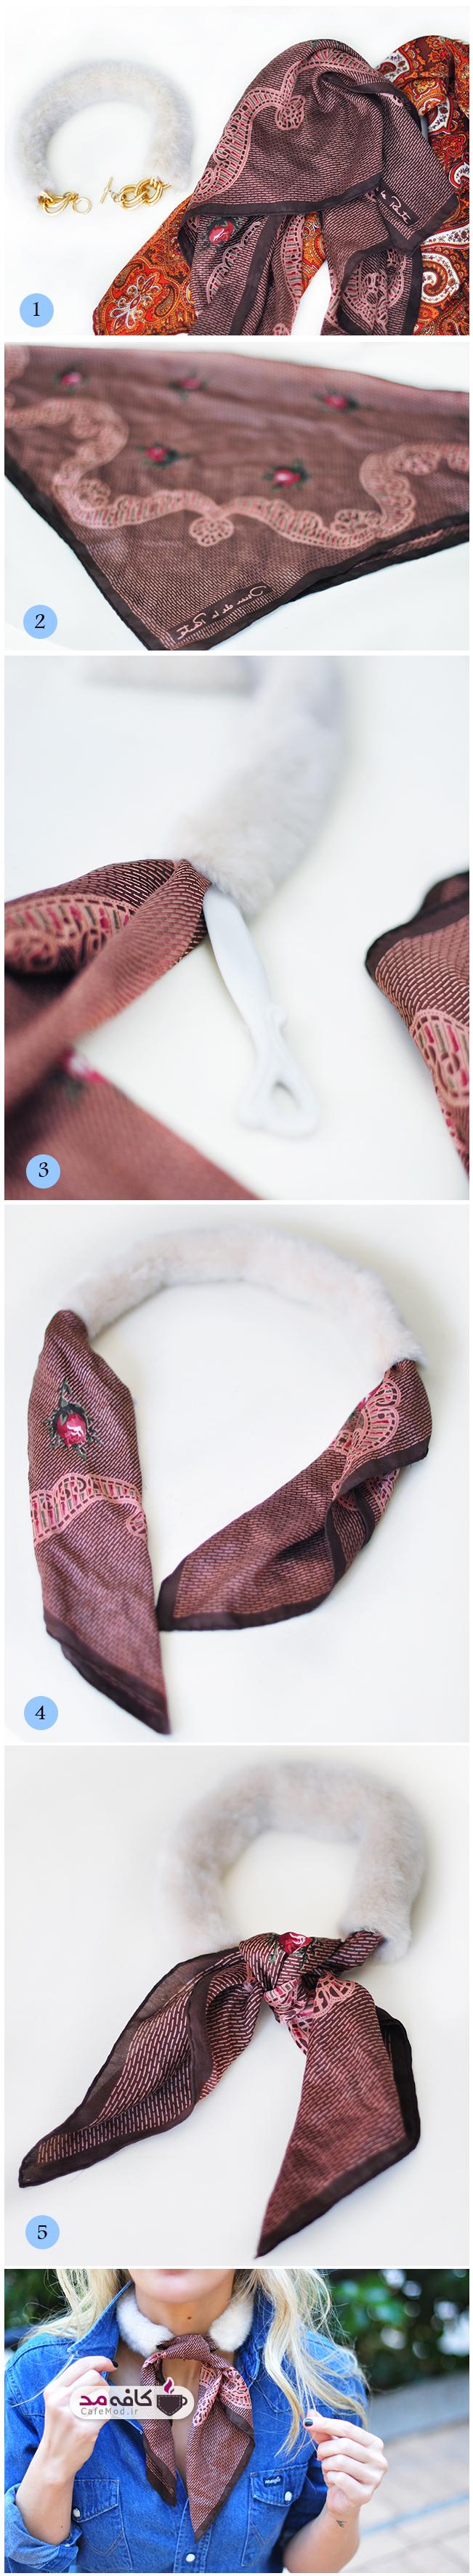 آموزش تصویری ساخت گلوبند با روسری